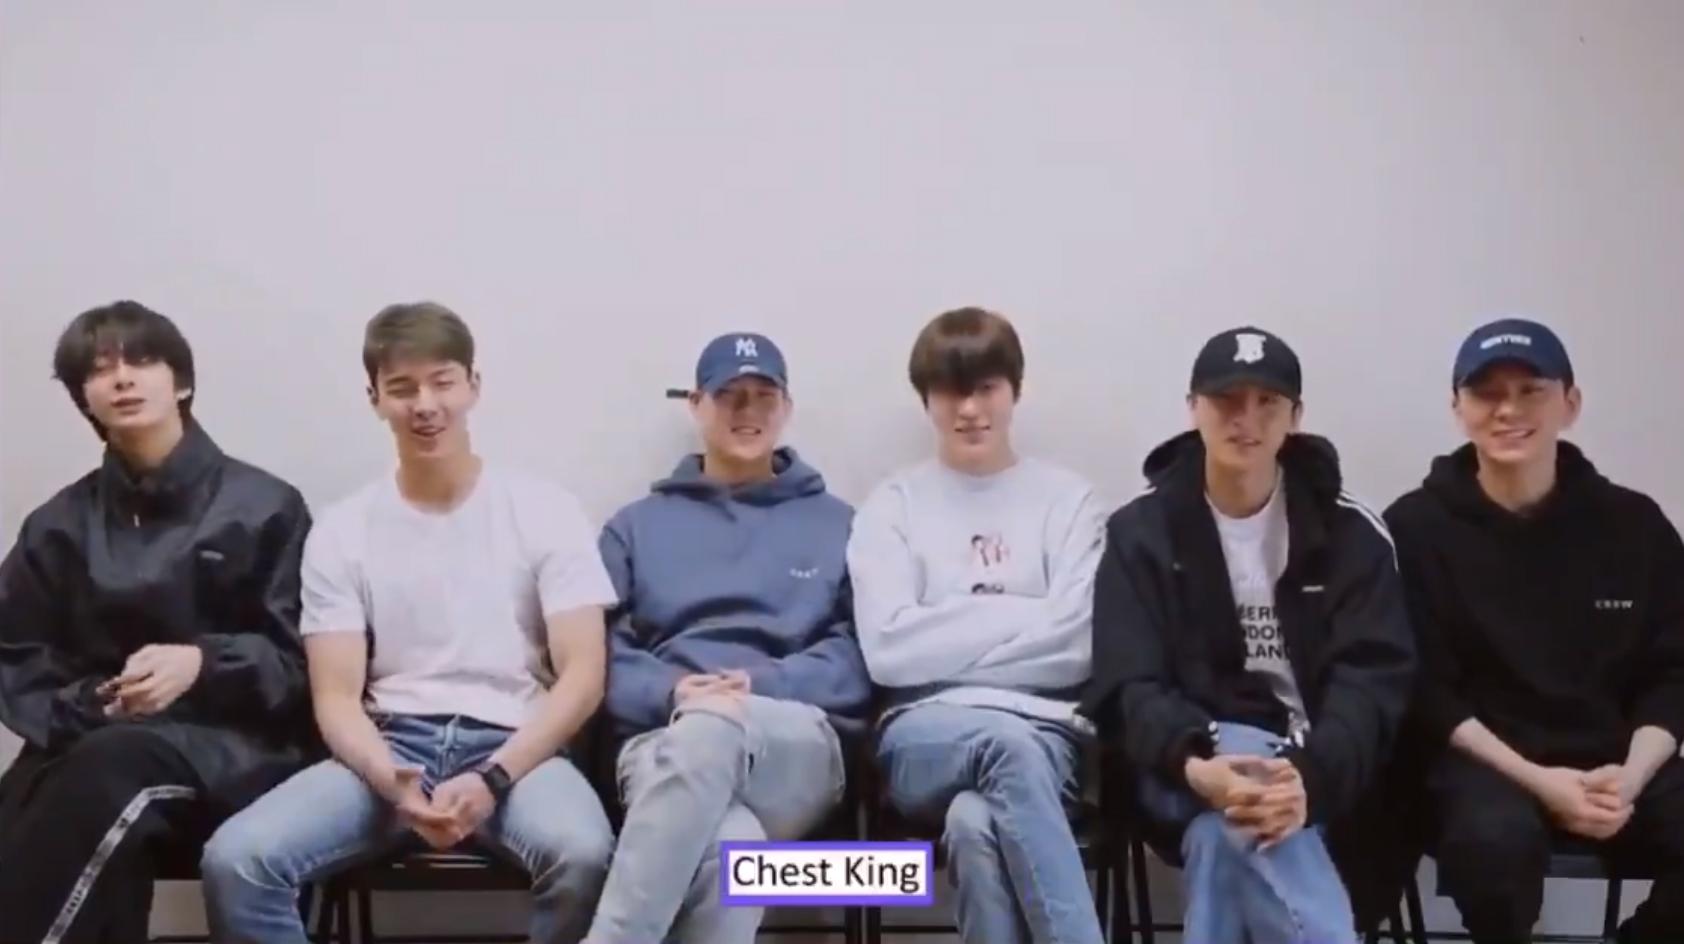 monsta x shownu kihyun chest king